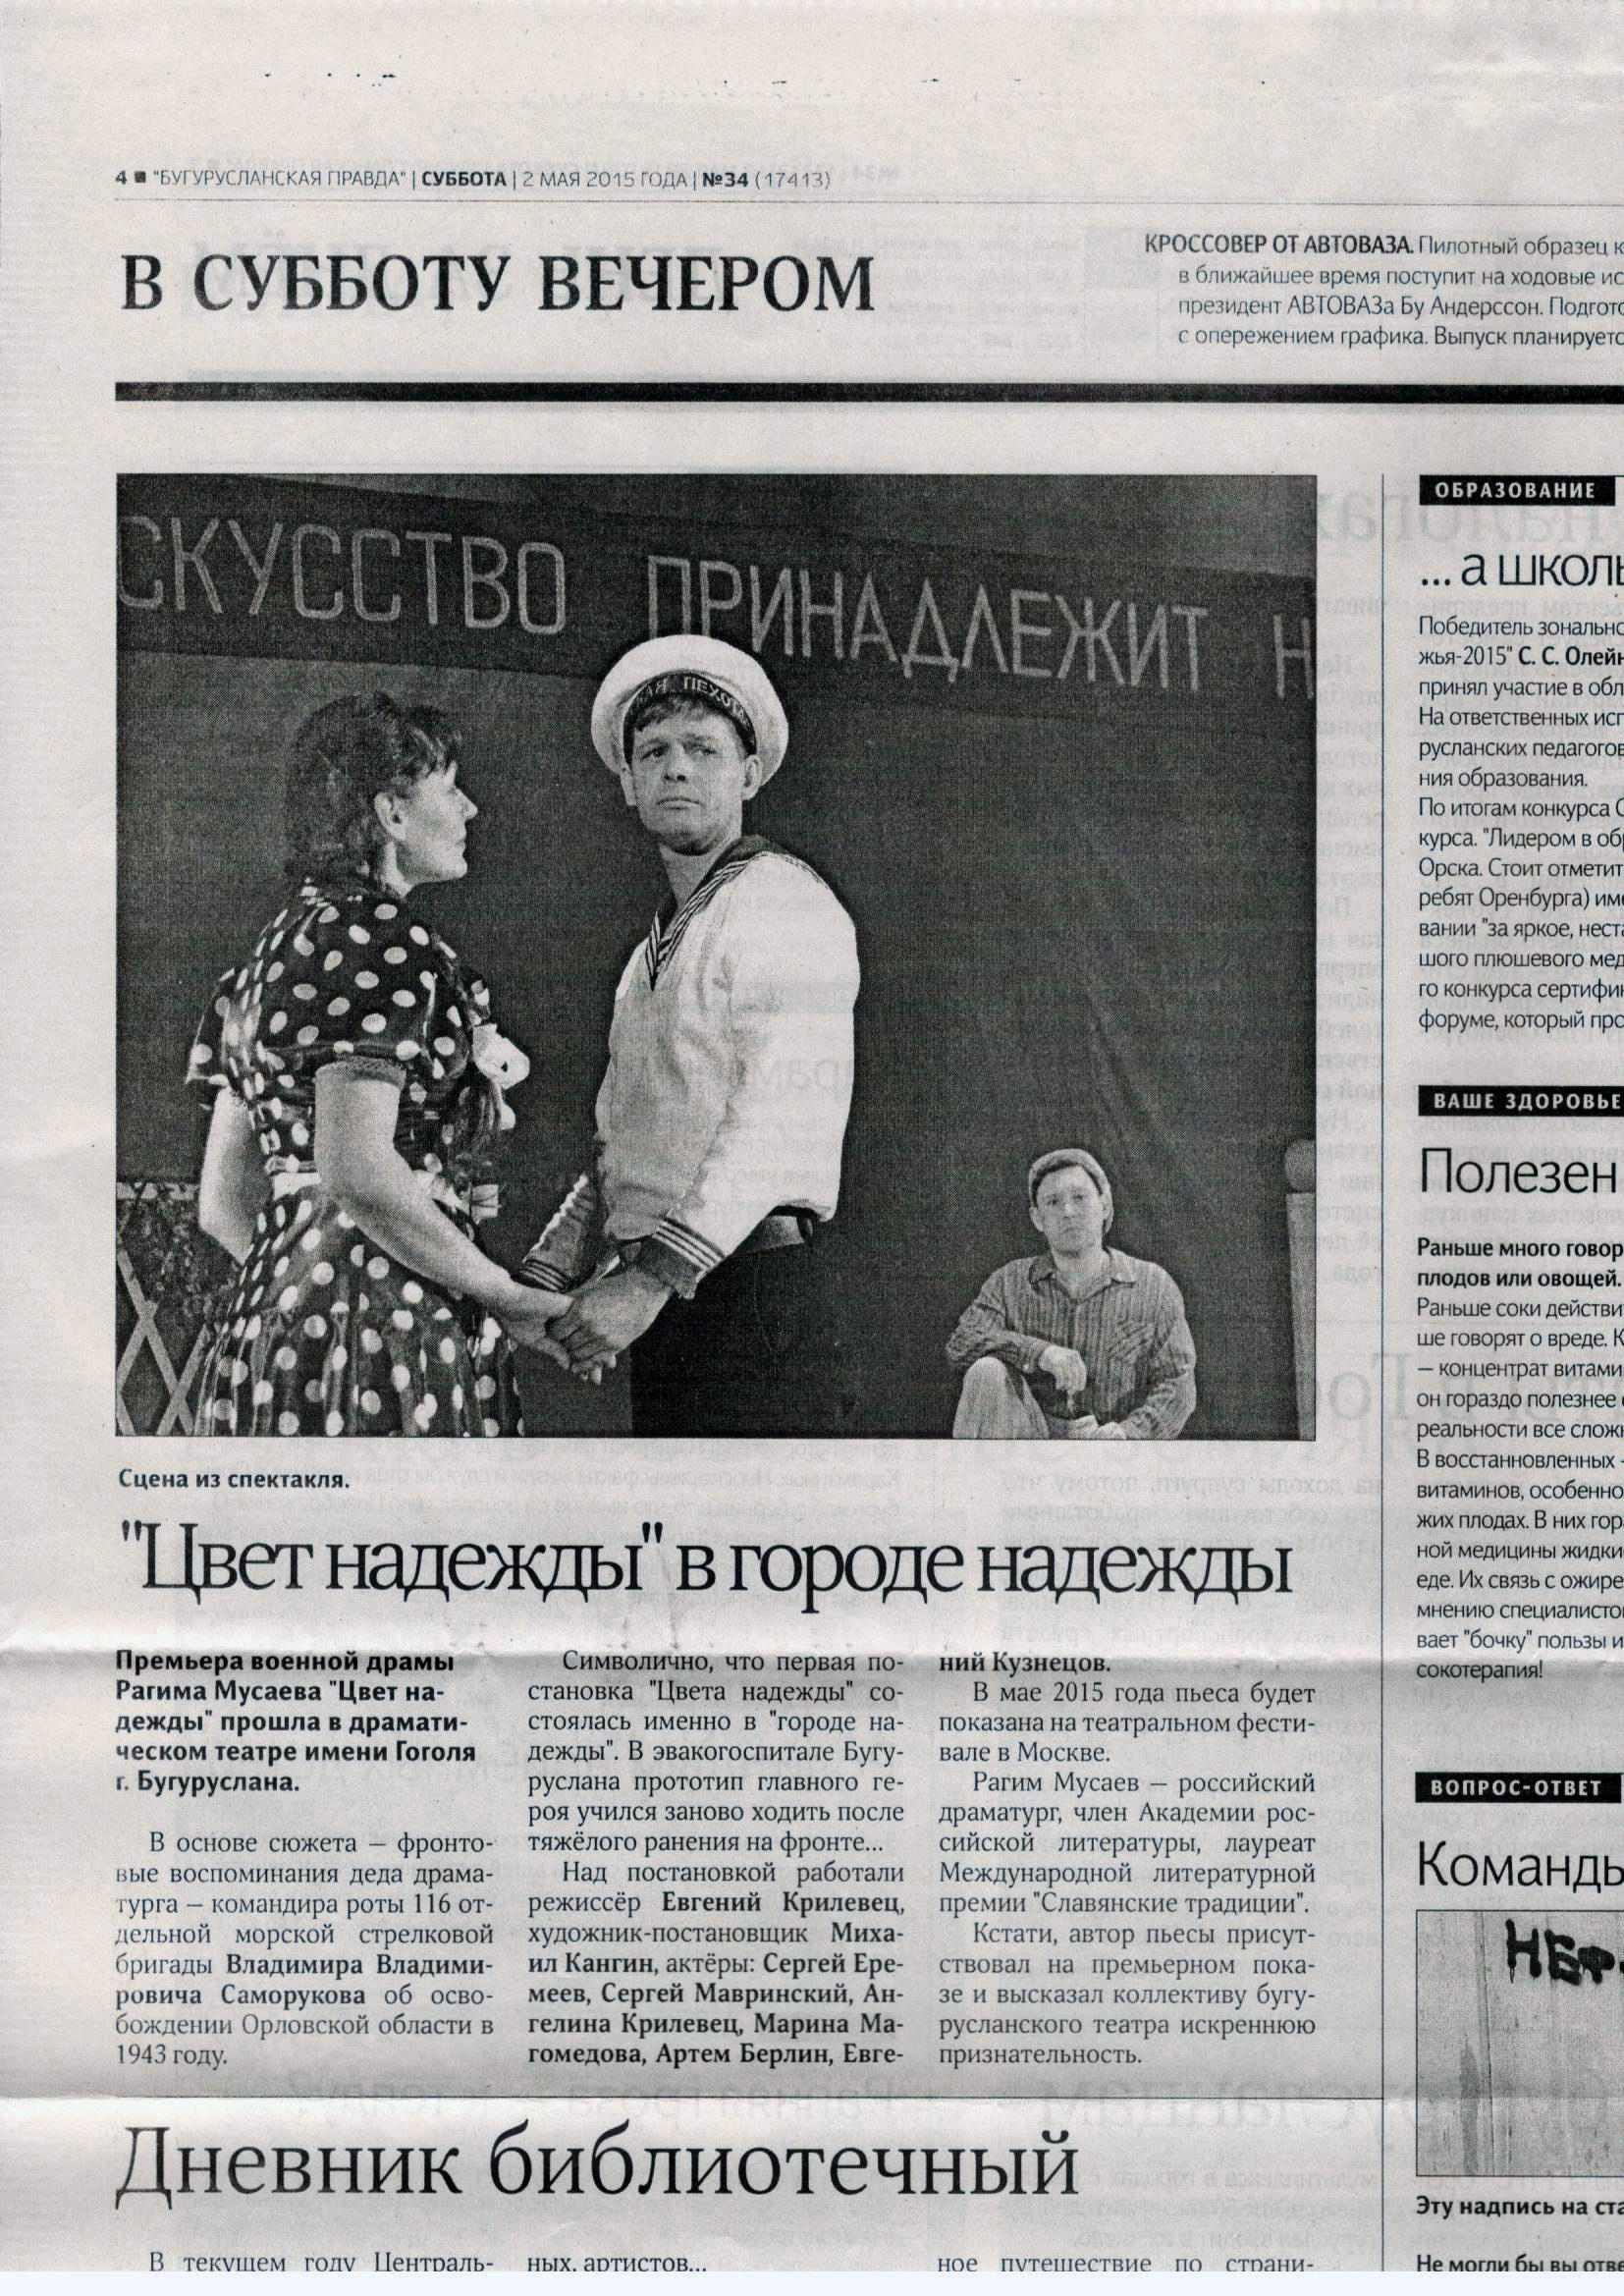 http://bug-teatr.ucoz.ru/voina/skan_cvet.jpg